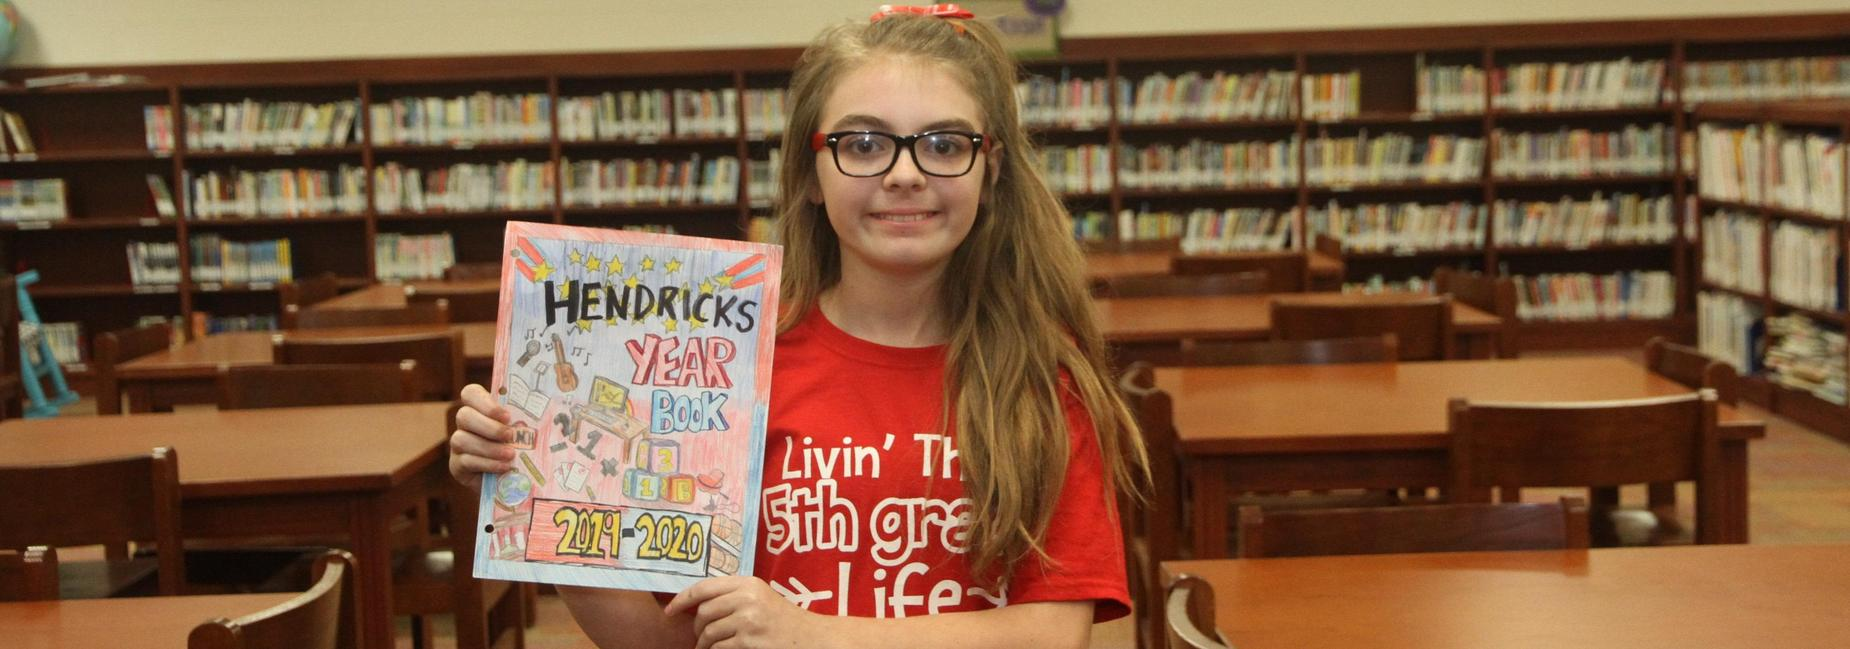 Olivia Greer Yearbook Cover Winner